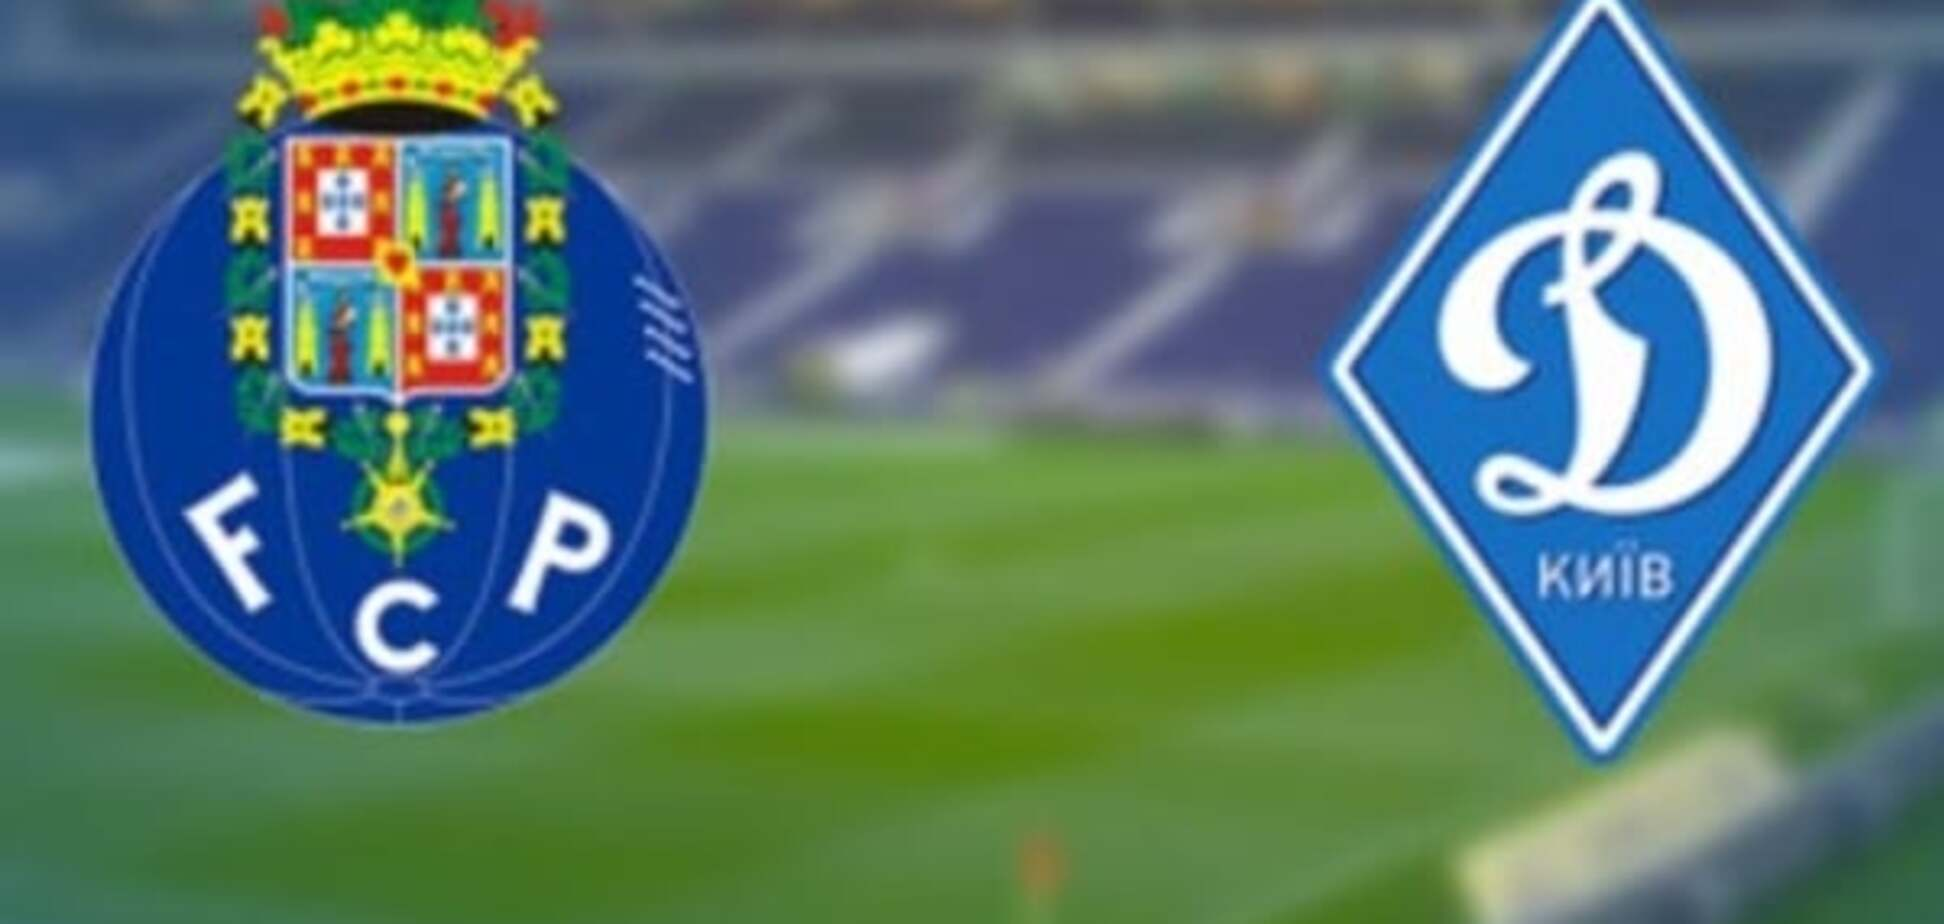 Порту - Динамо: прогноз букмекеров на матч Лиги чемпионов